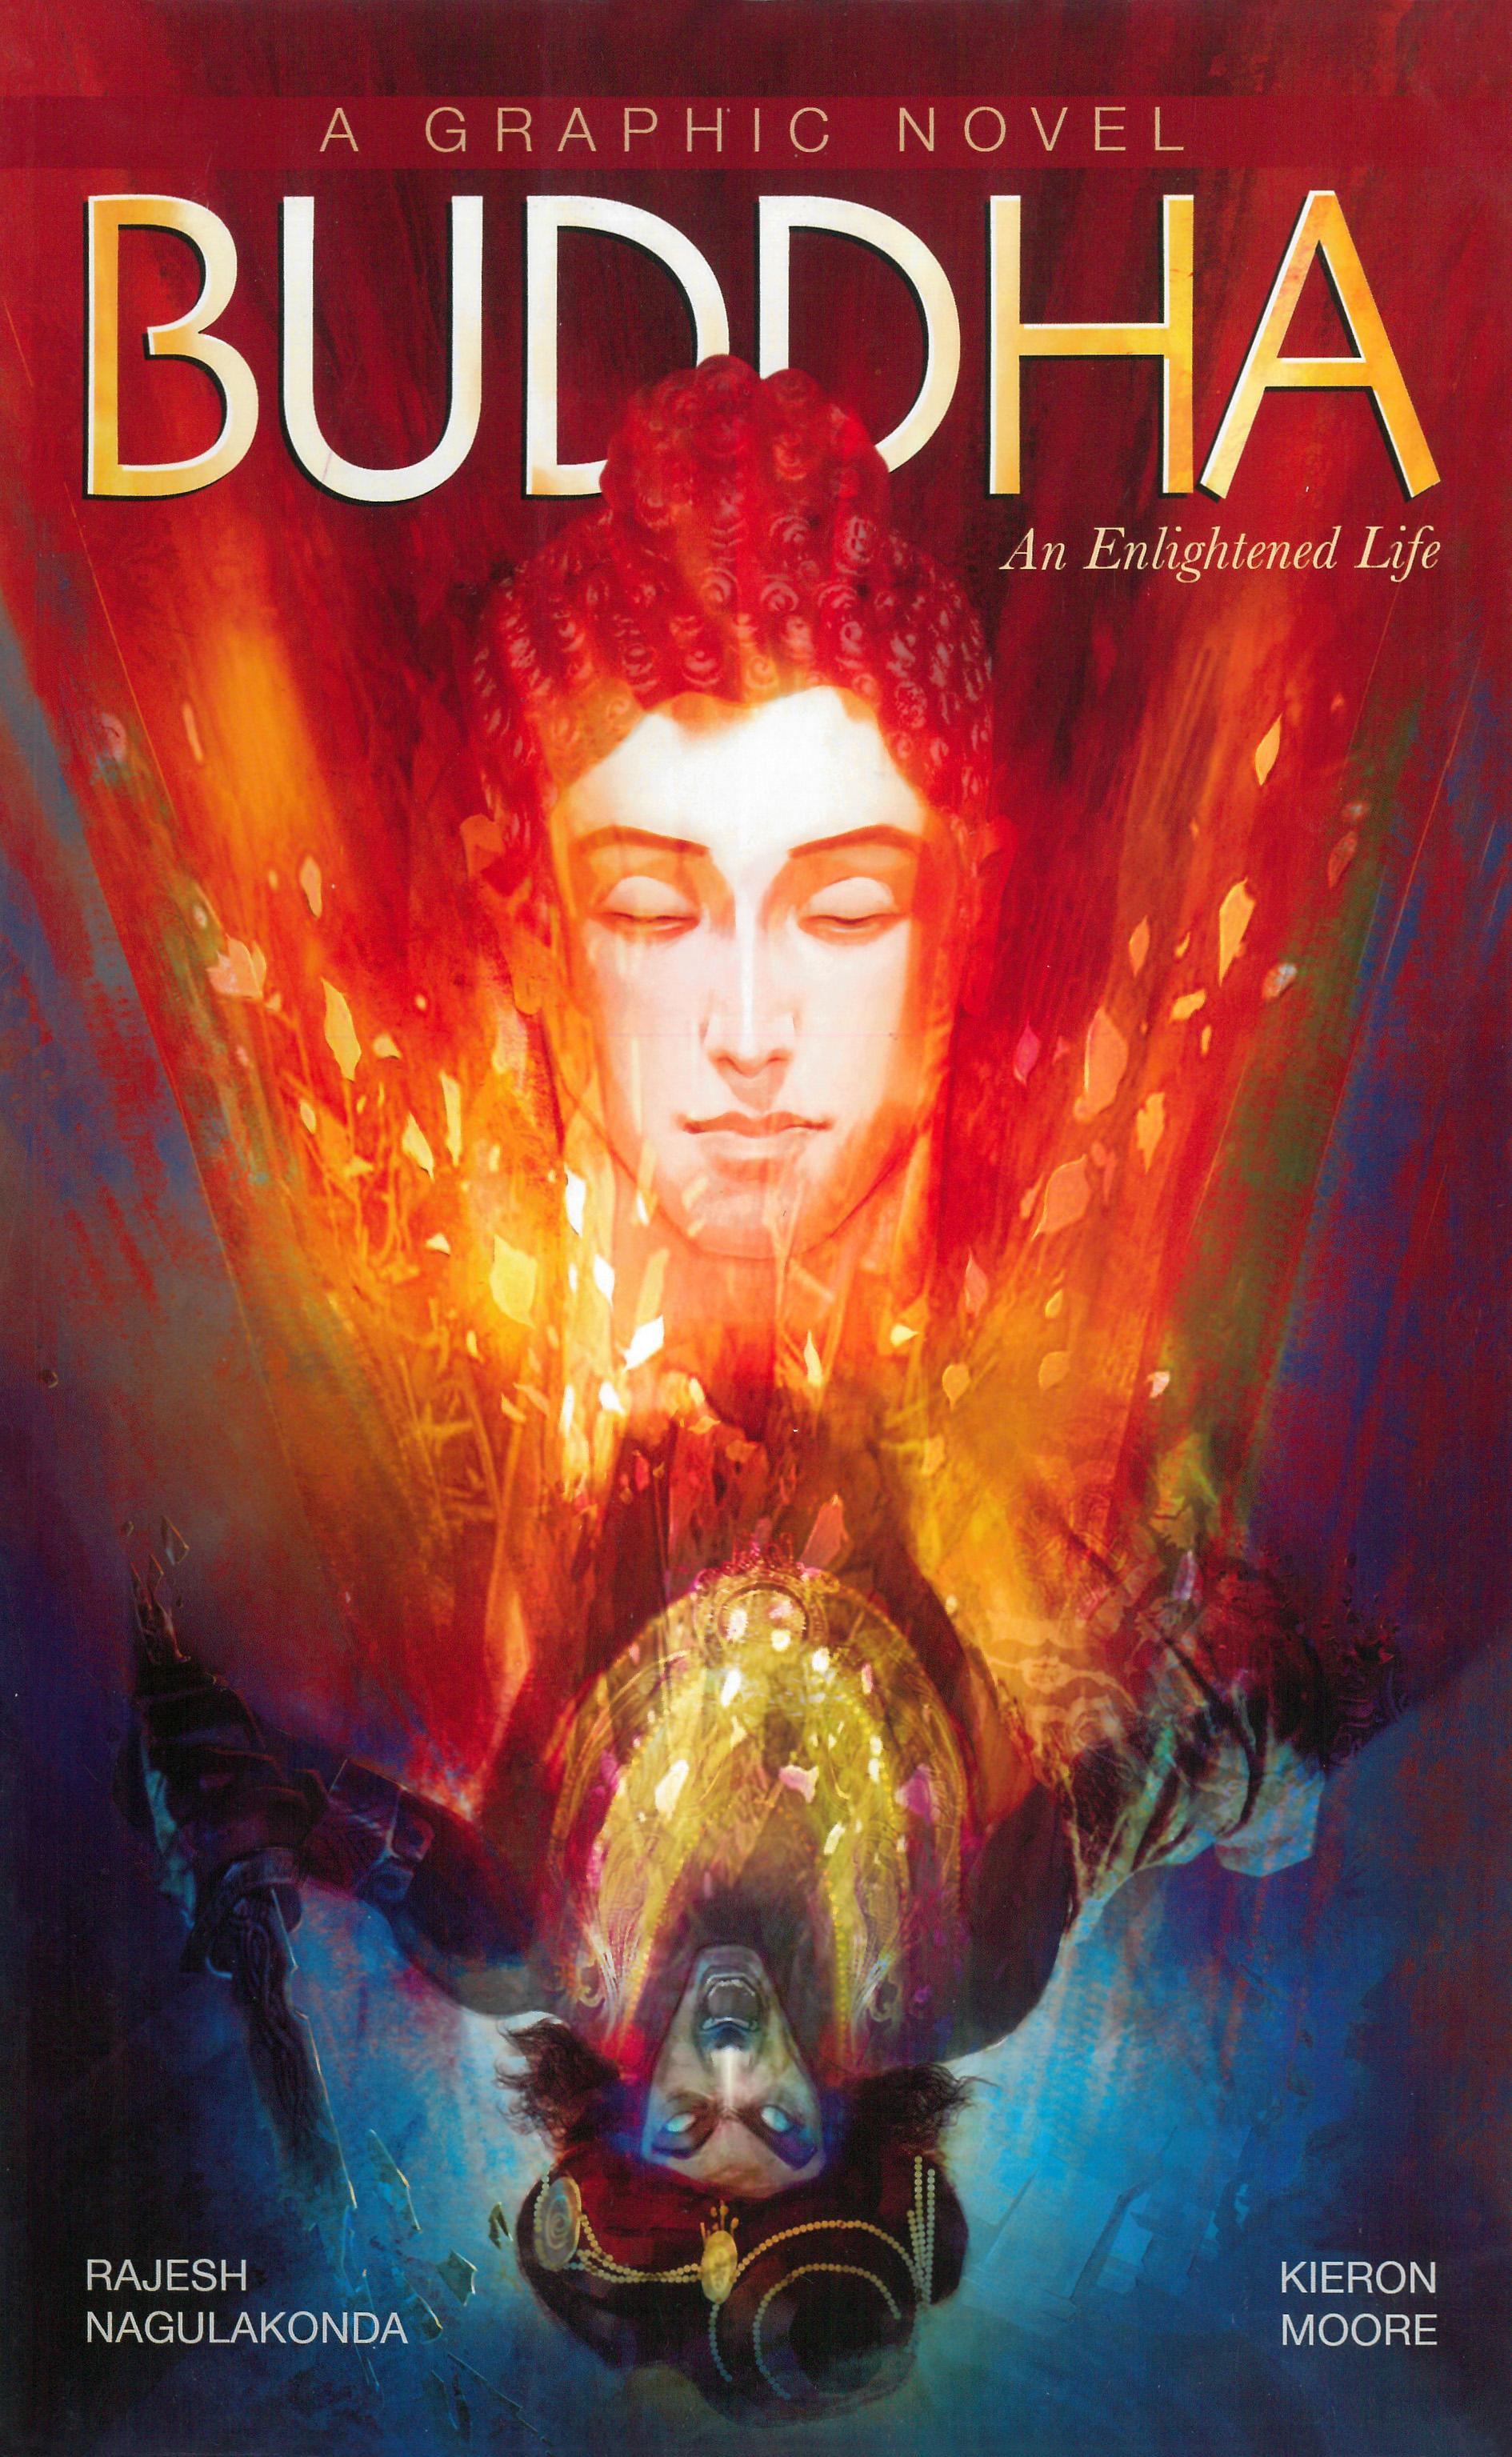 Buddha: An Enlightened Life - Đức Thích Ca: Khai Sáng Kiếp Đời